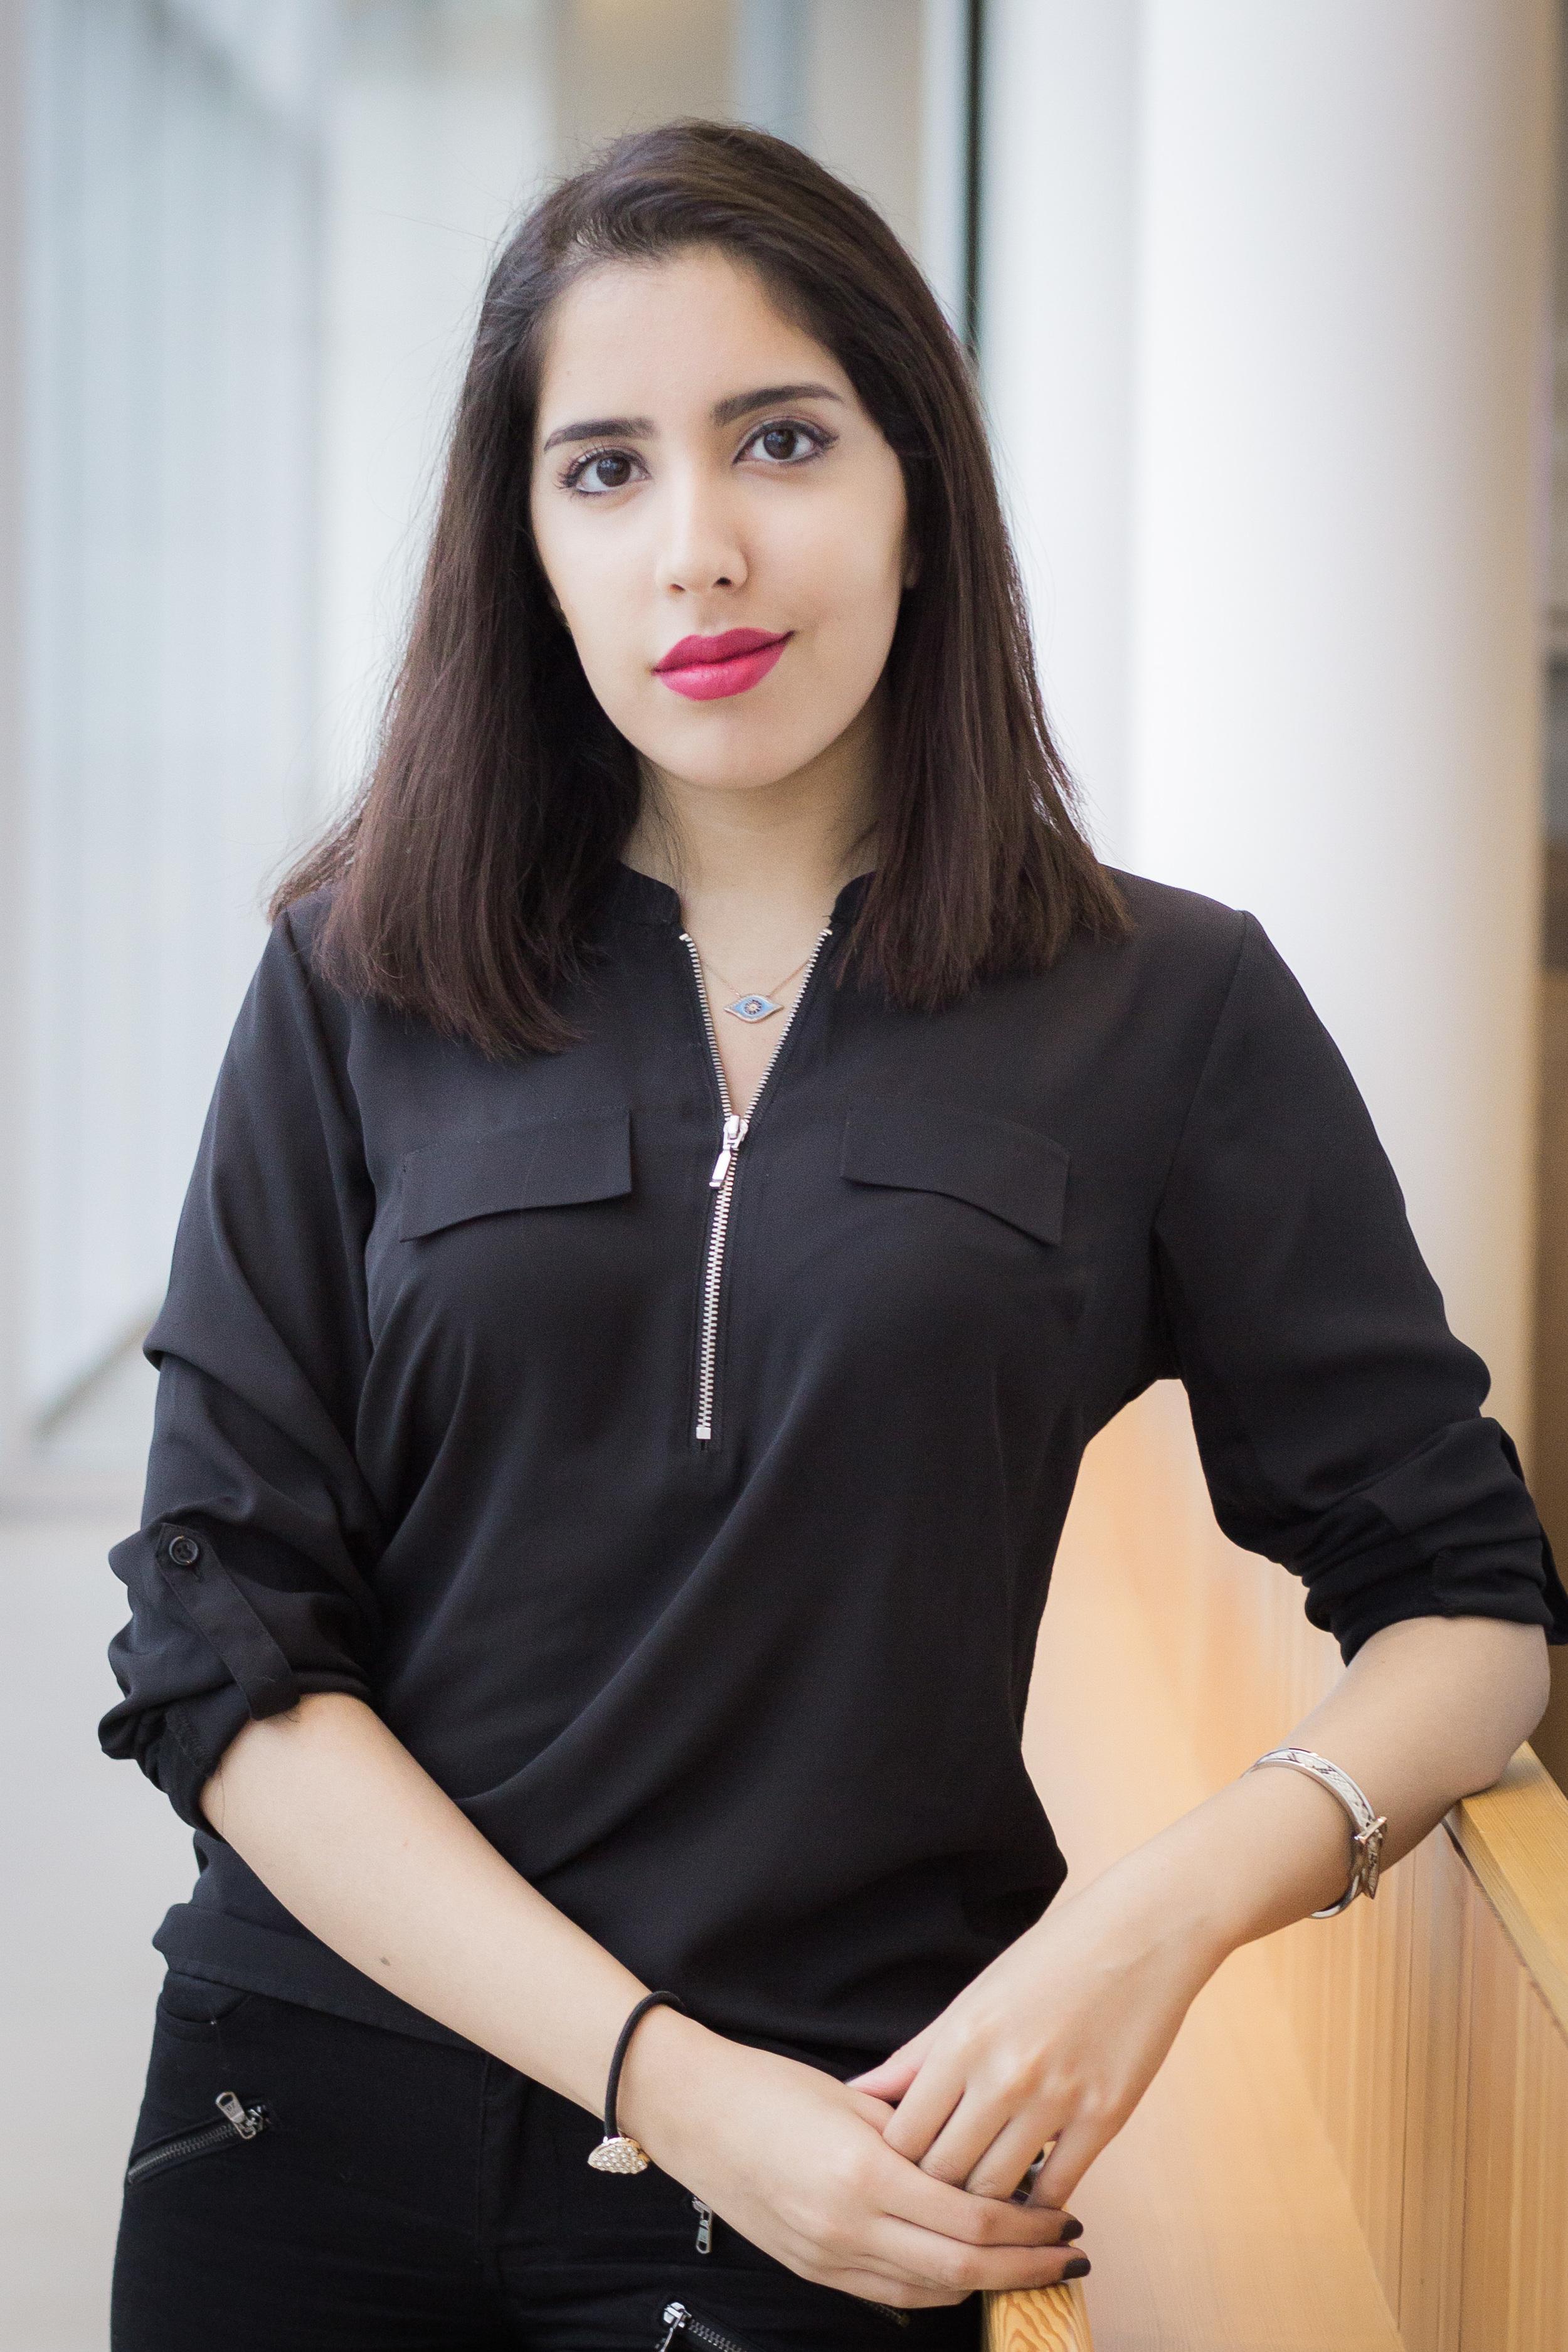 Niki Abdoli, Associate Editor